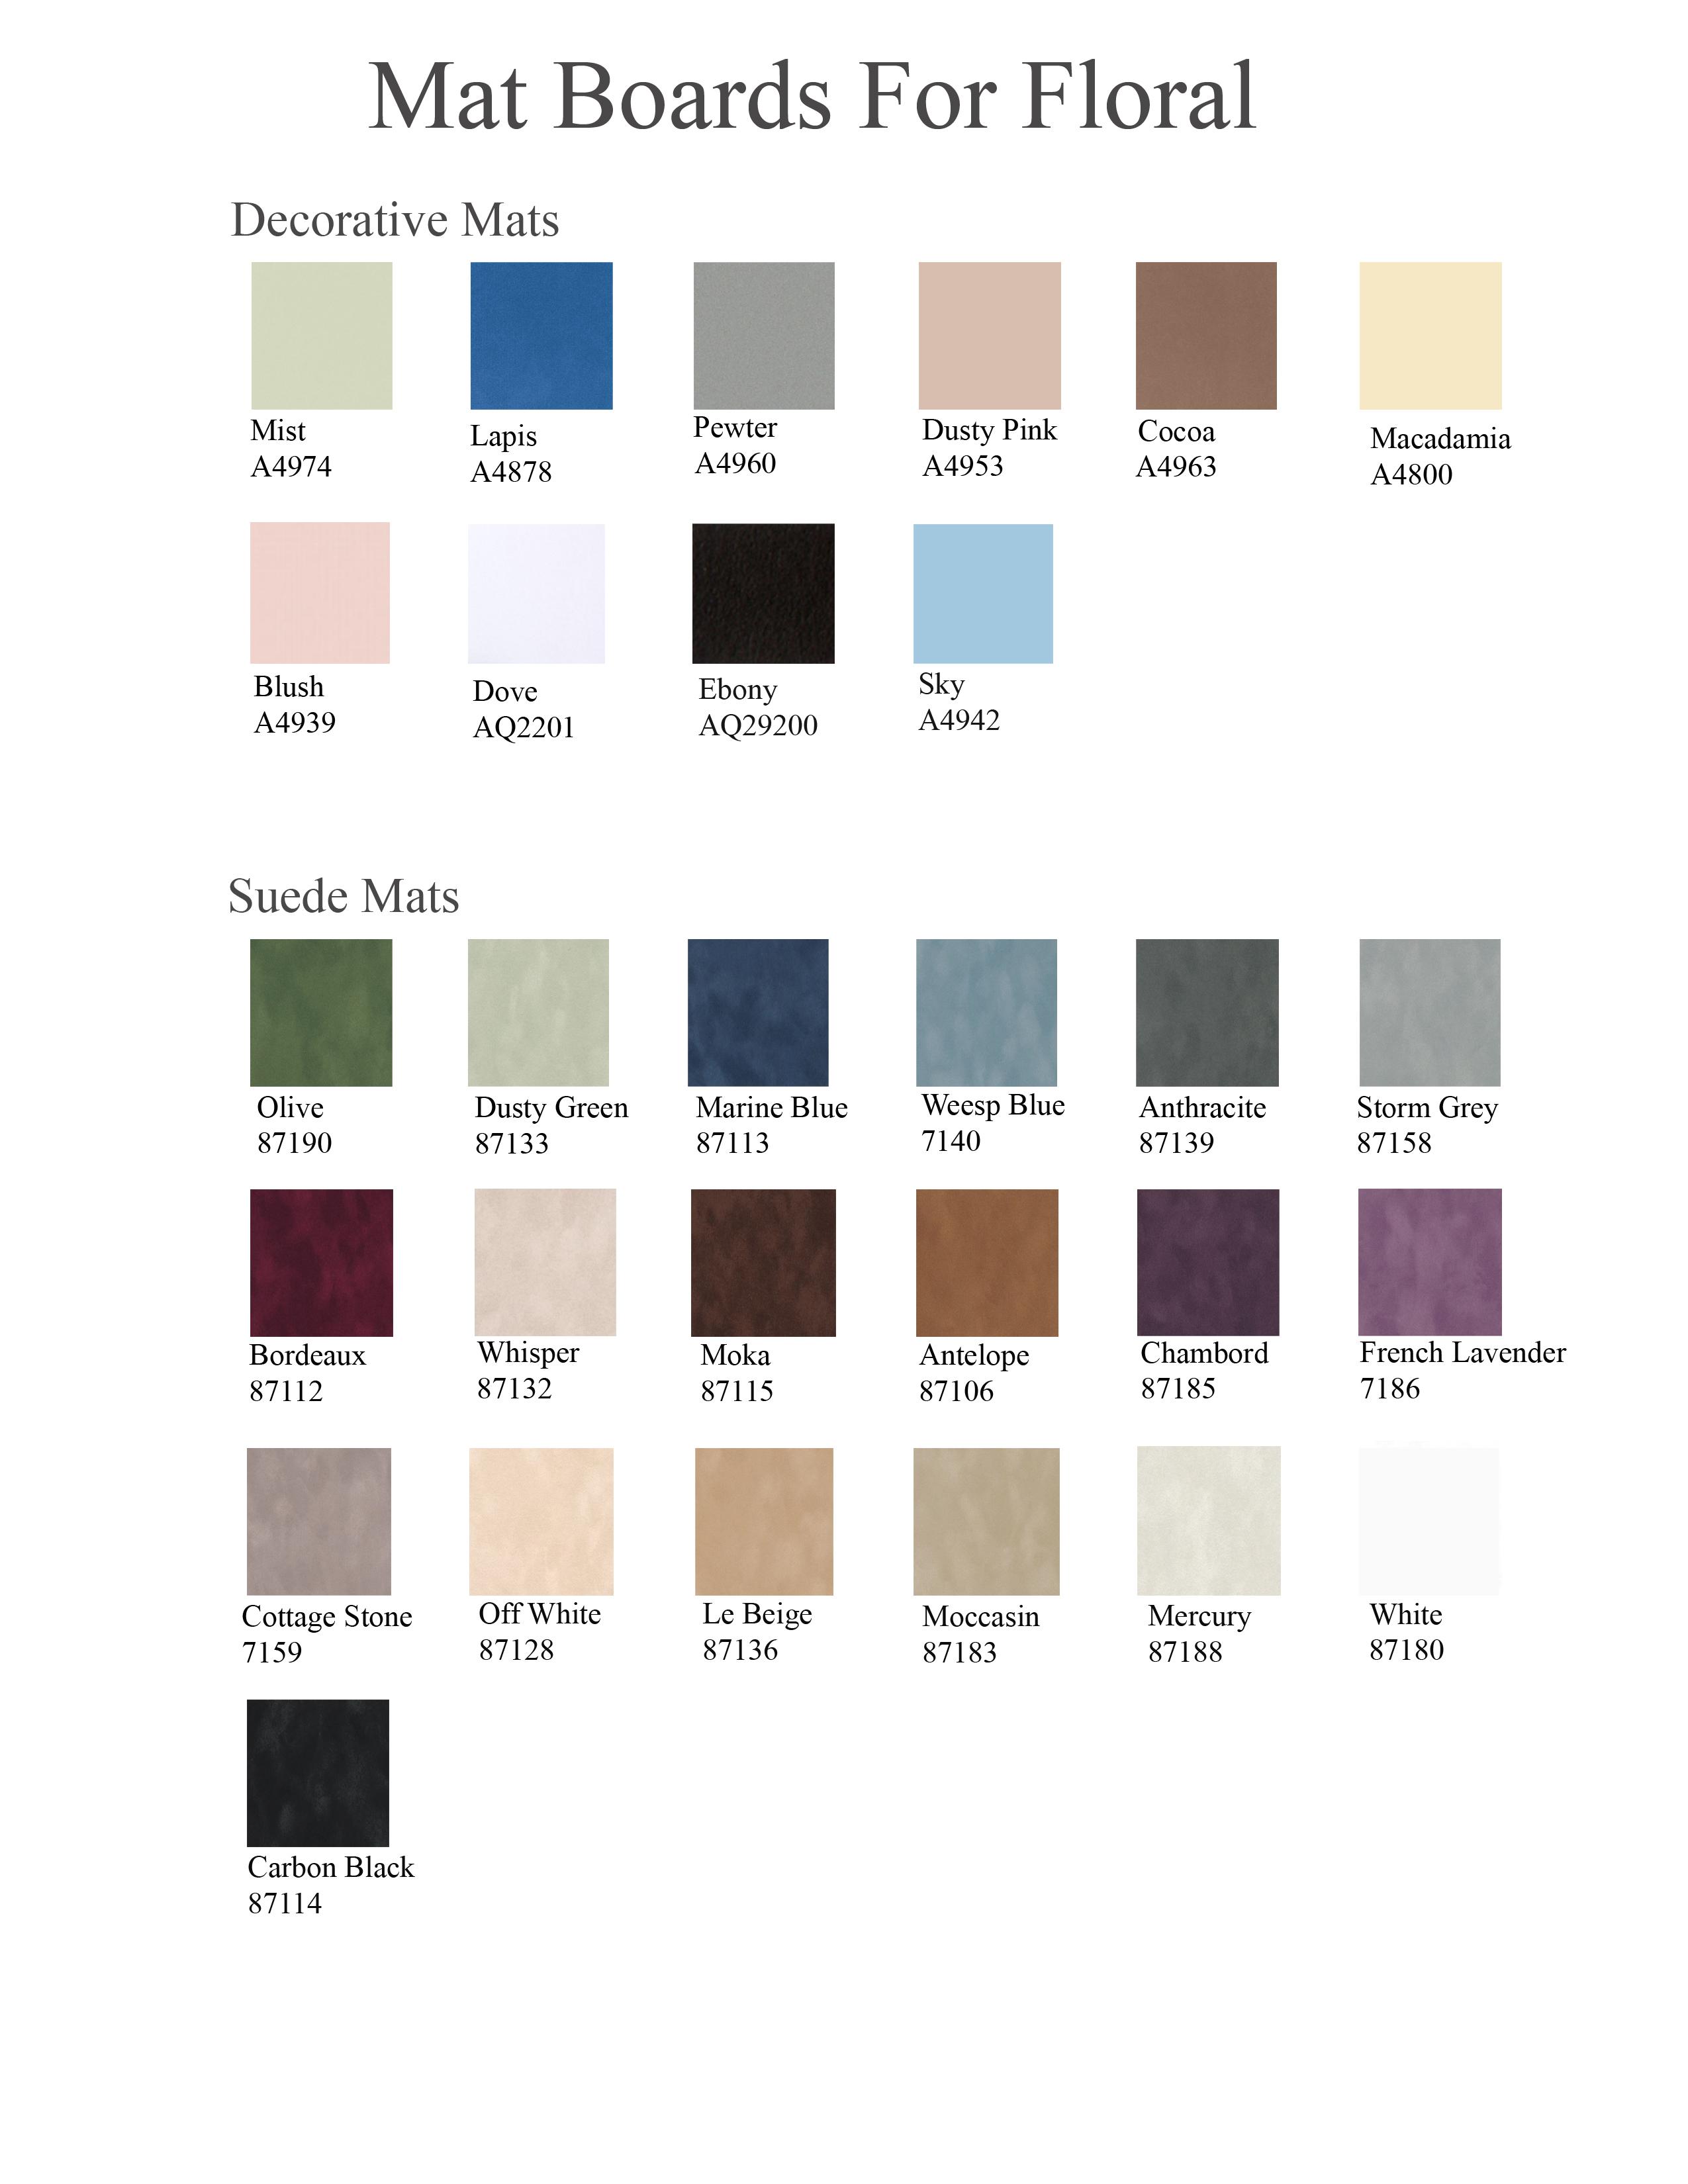 mats-colour-specs-nov-2020.jpg